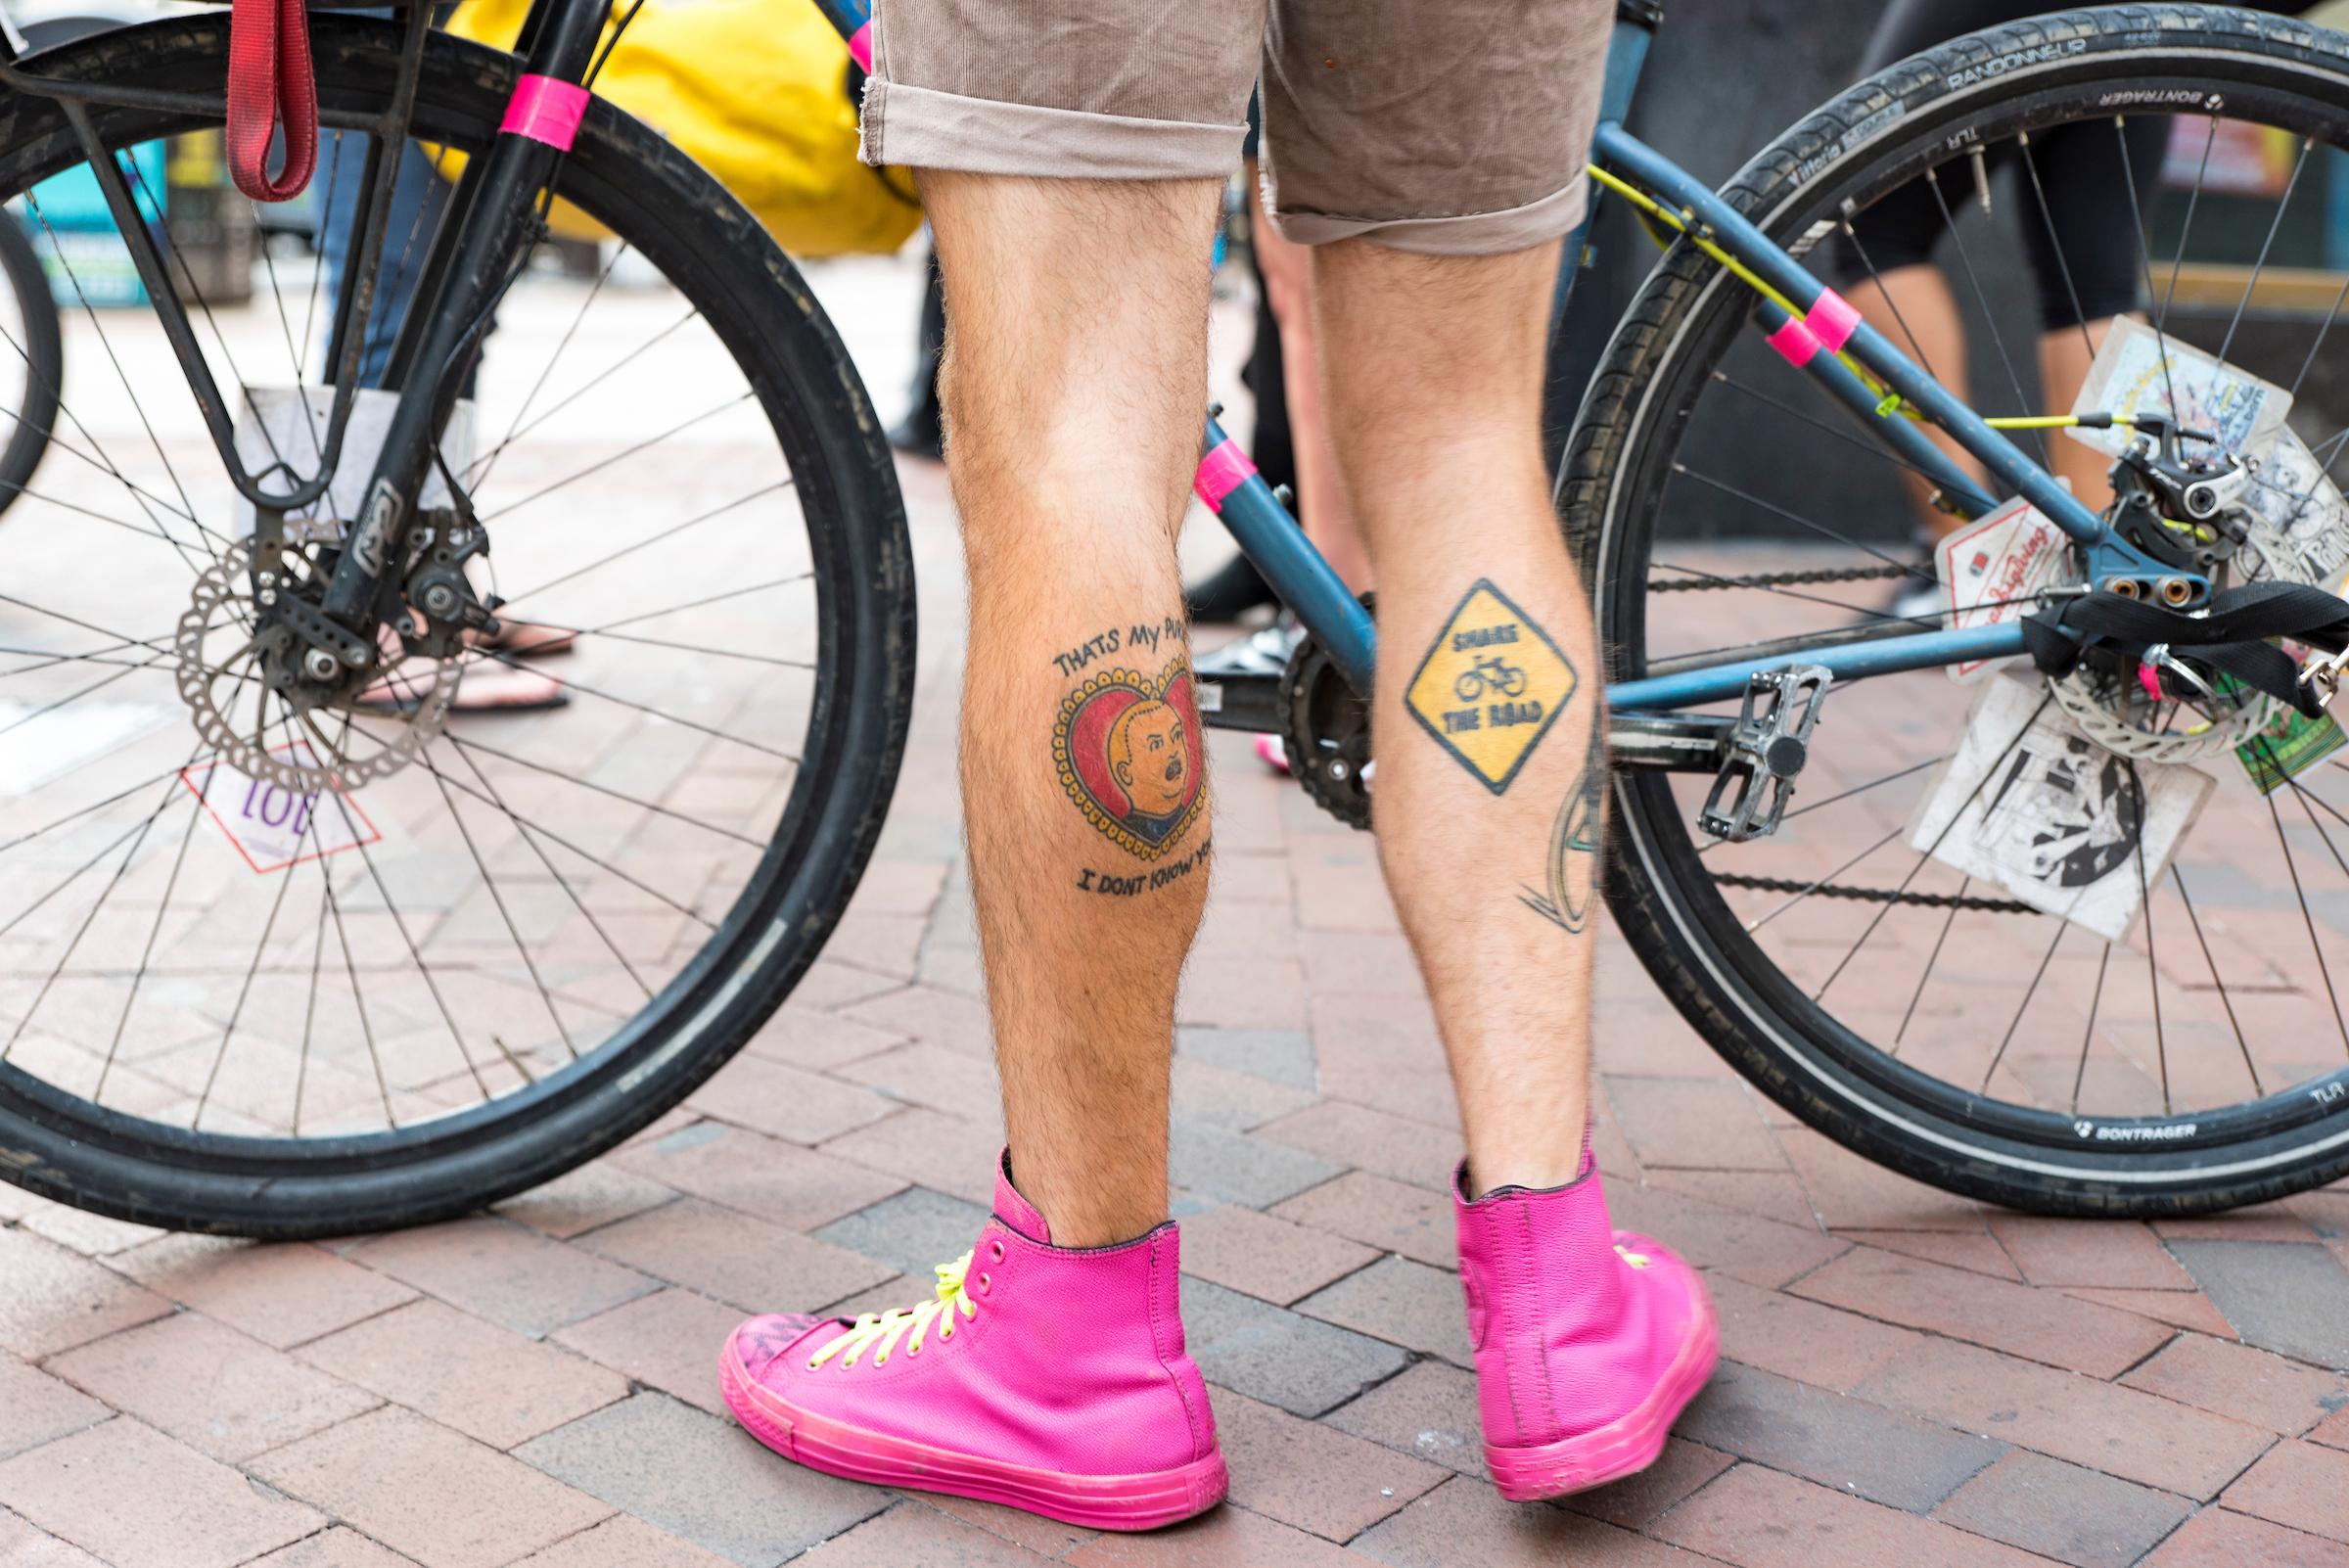 2017-05May-27 PMA Bike Ride - Center City-379.jpg